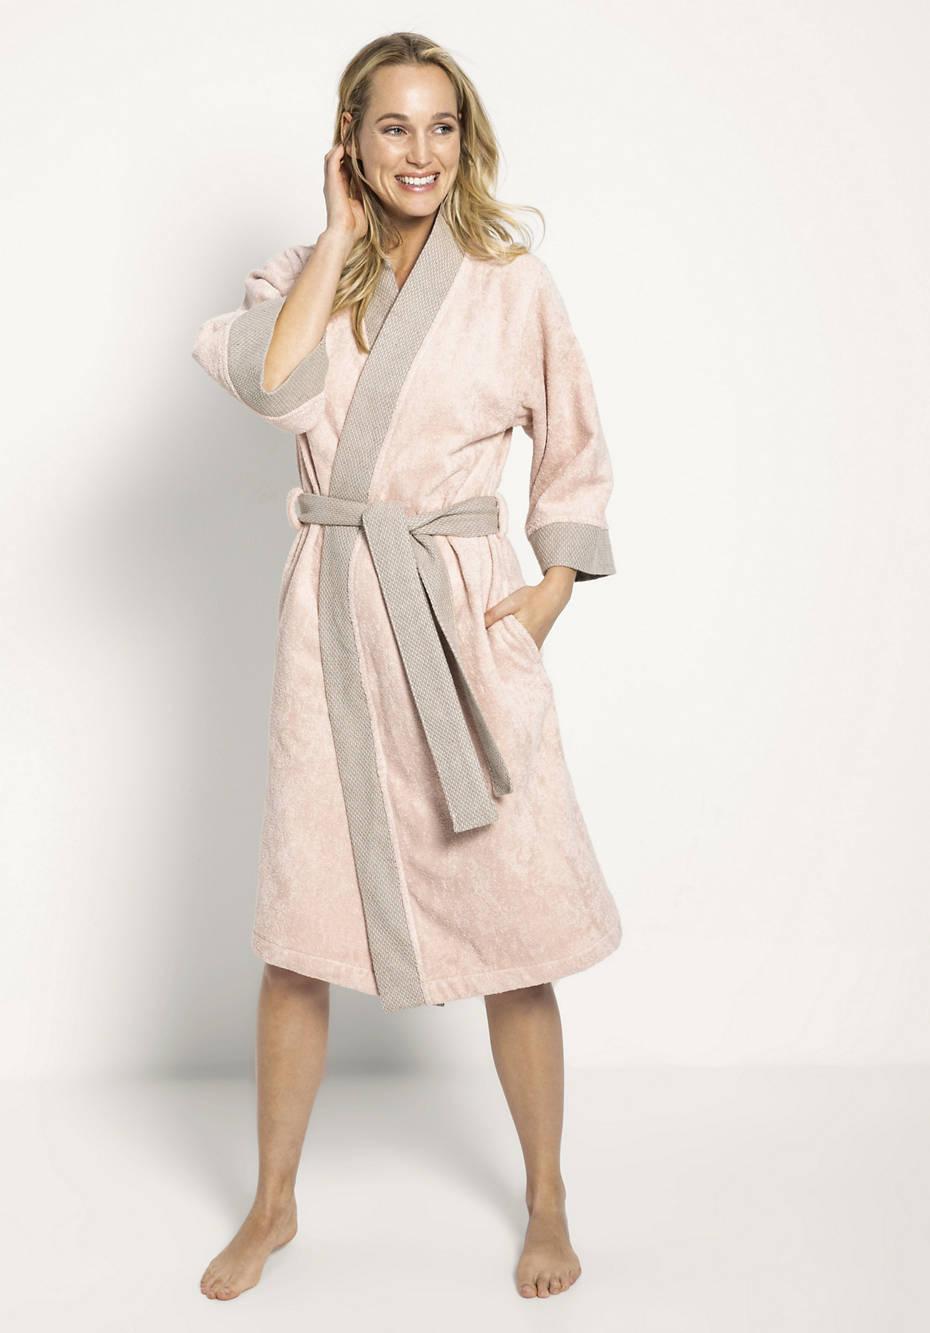 Kimono-Bademantel aus Bio-Baumwolle mit Leinen in der Bordüre